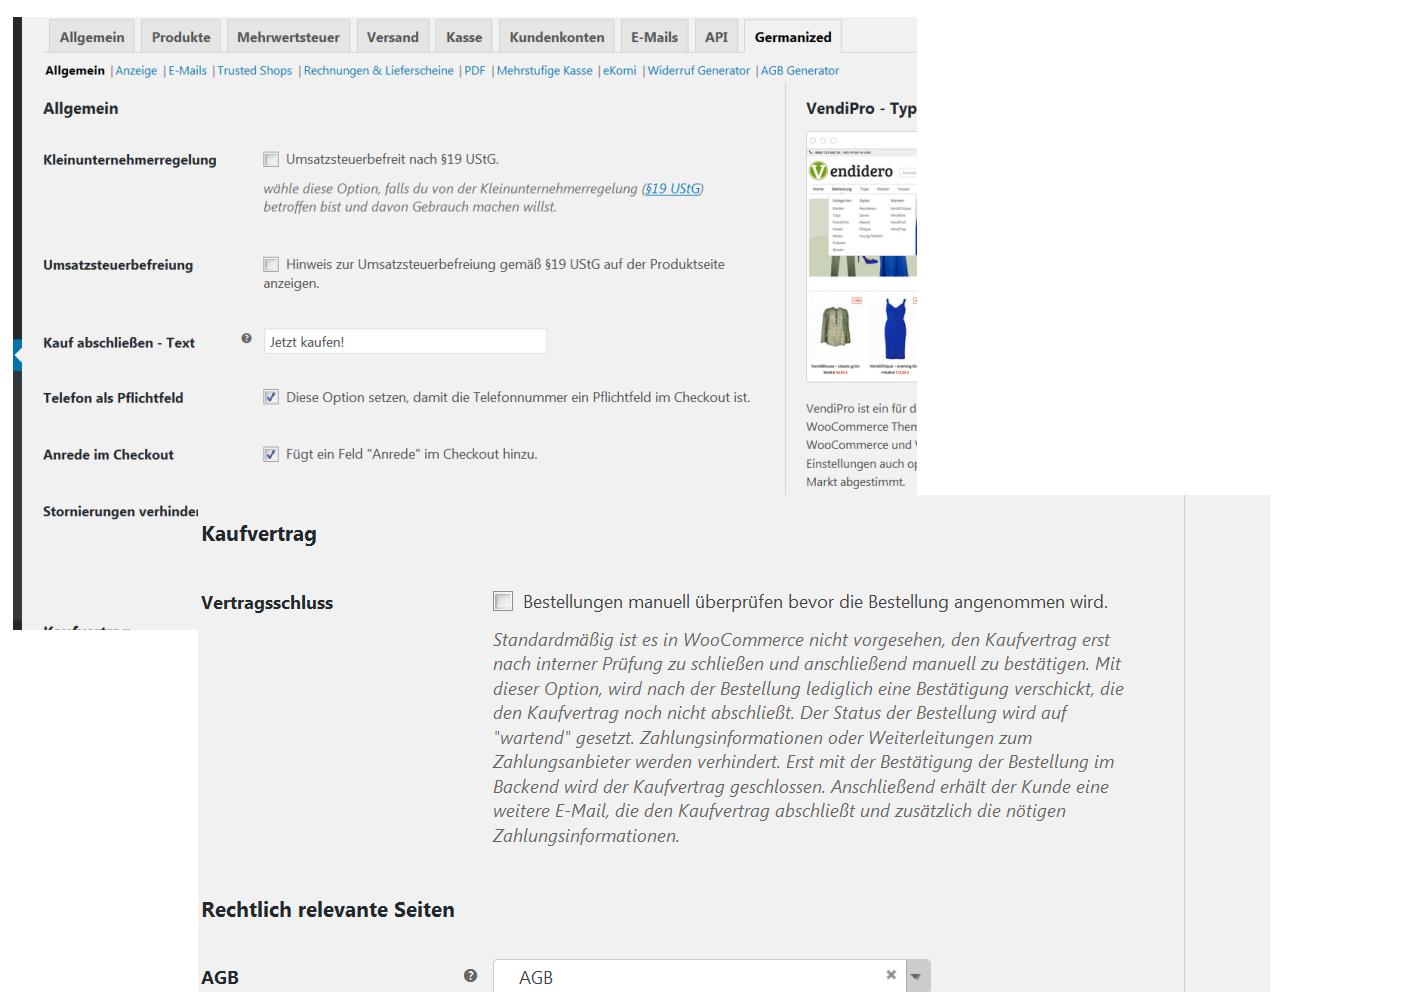 bestellung nicht automatisch angenommen - germandizid ist das problem